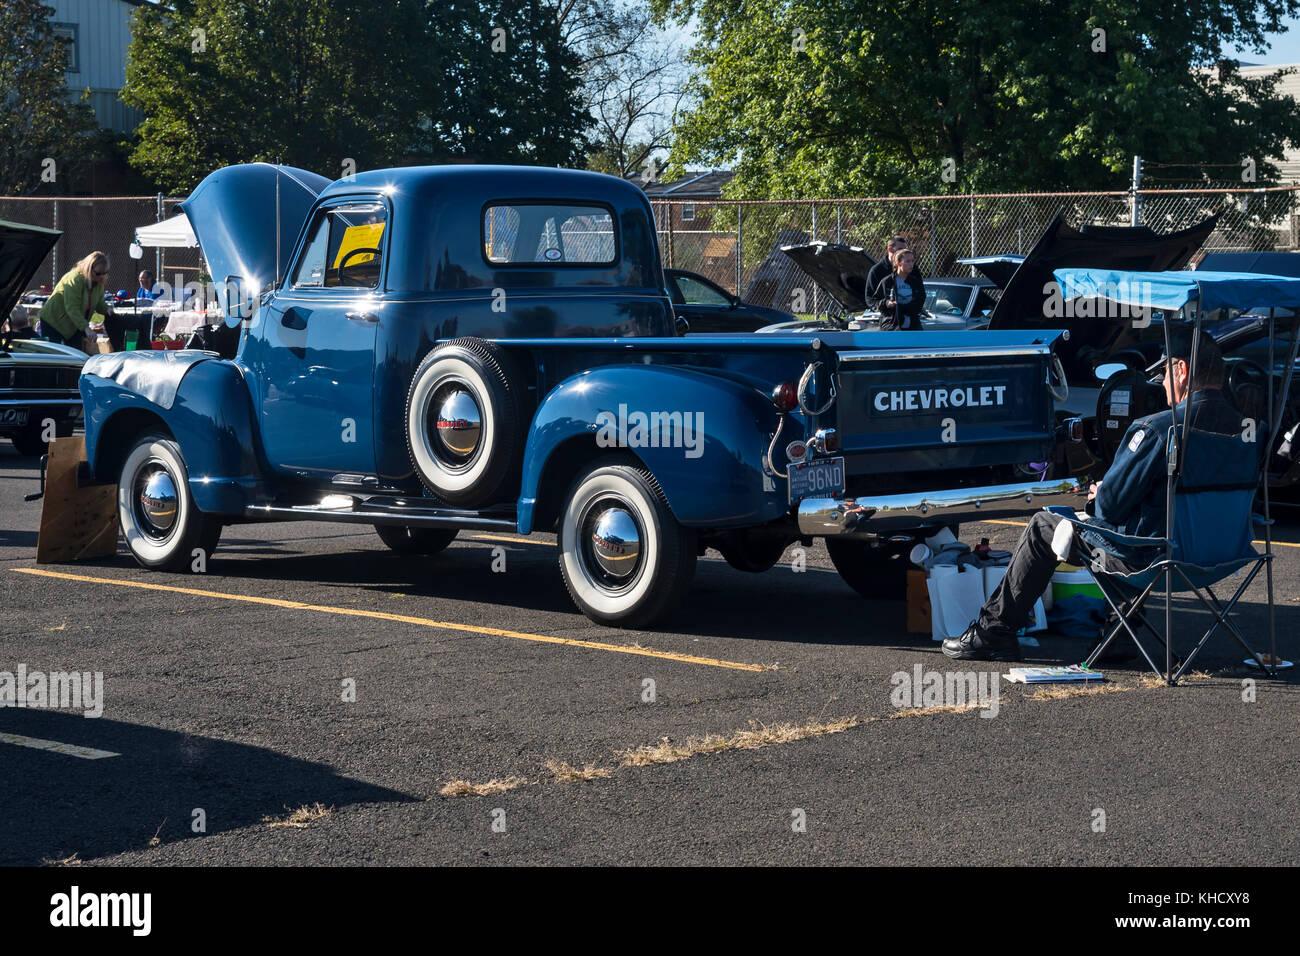 American Car Show Stock Photos & American Car Show Stock ...